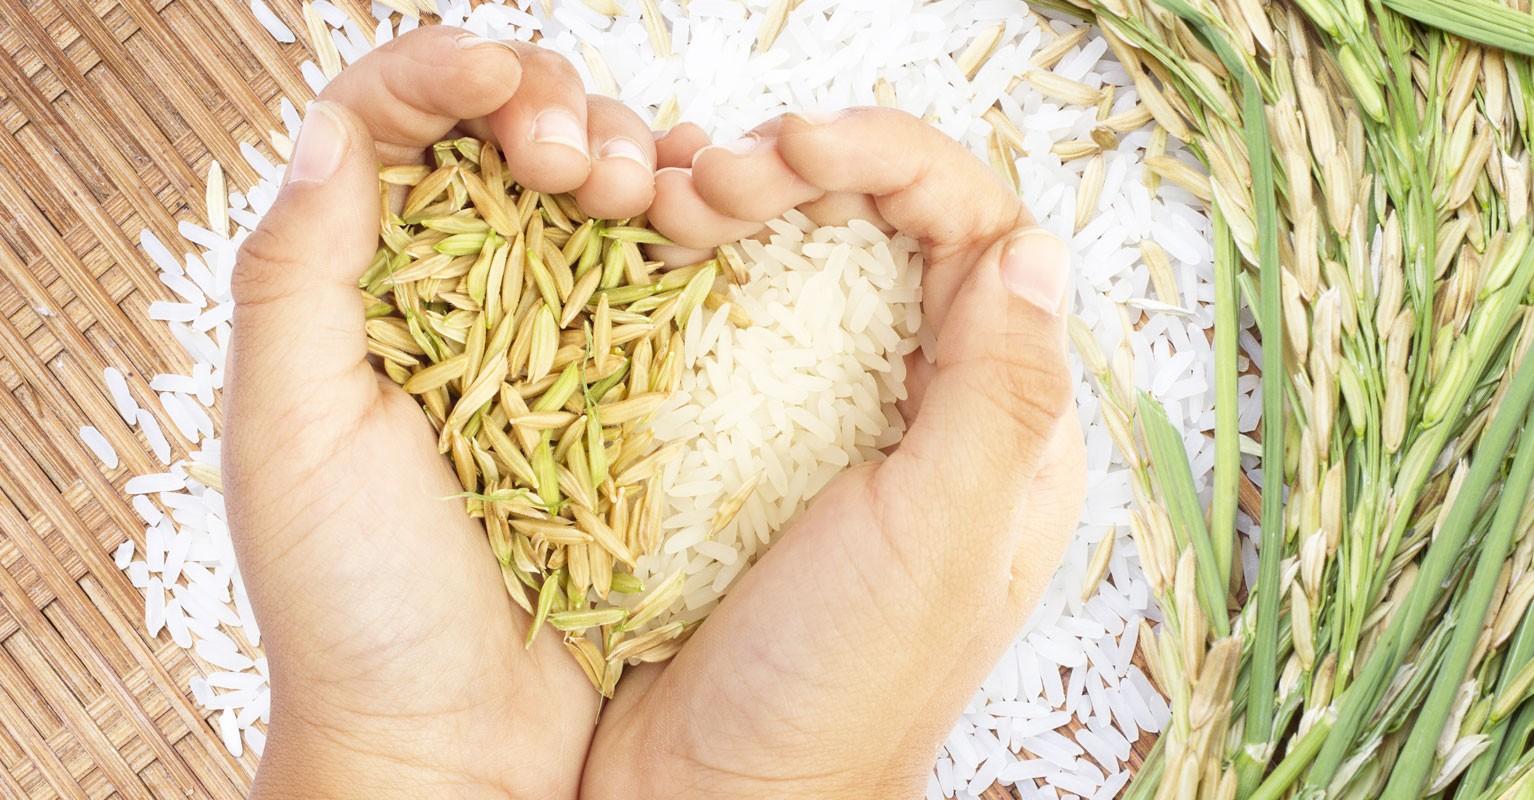 Промытый Рис Для Похудения. Как похудеть на рисе